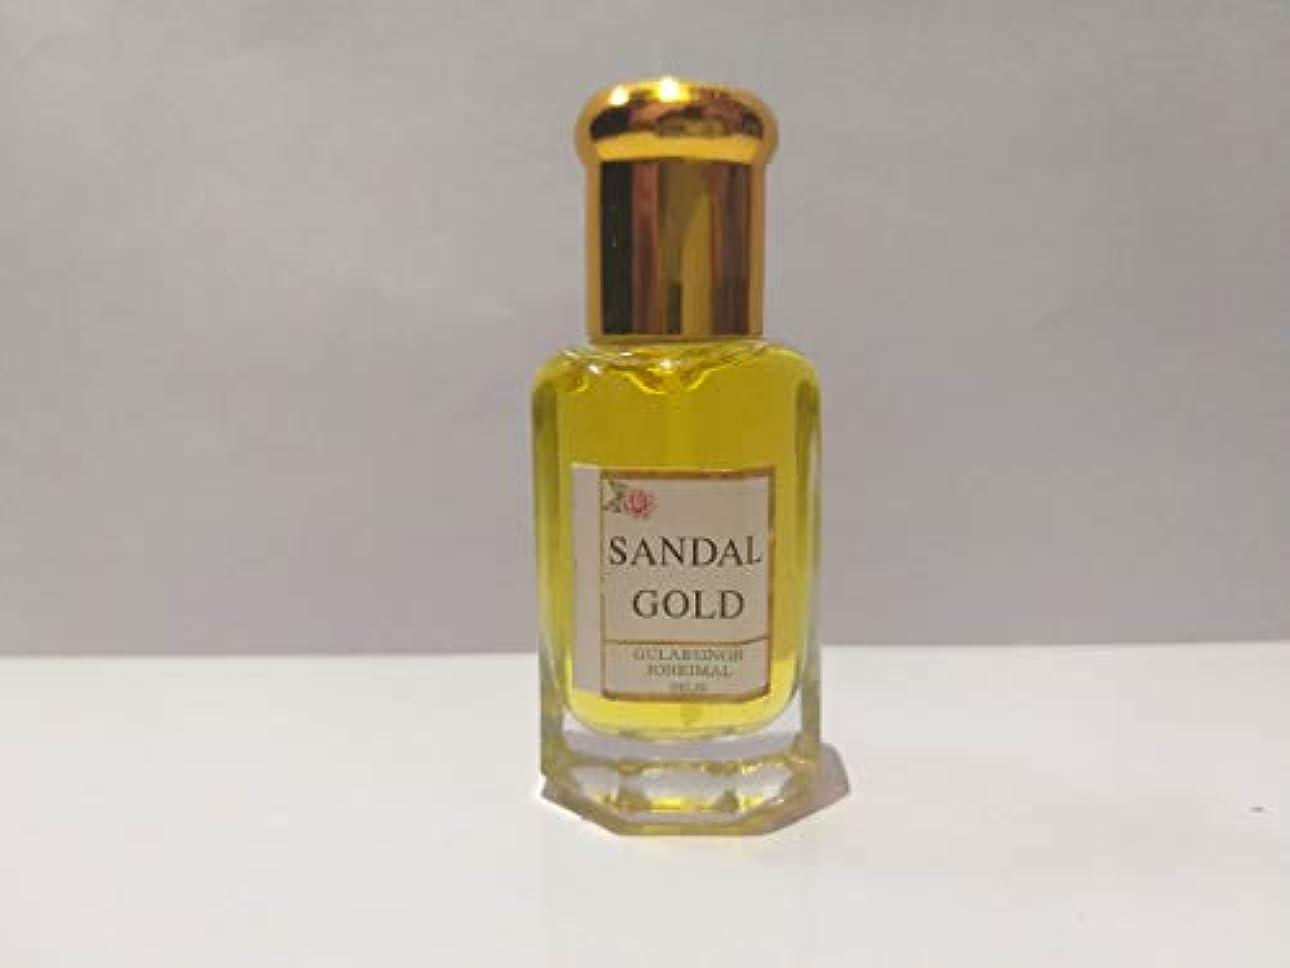 間違いなく学習マッシュSandal/白檀 / Chandan Attar/Ittar concentrated Perfume Oil - 10ml Beautiful Aroma